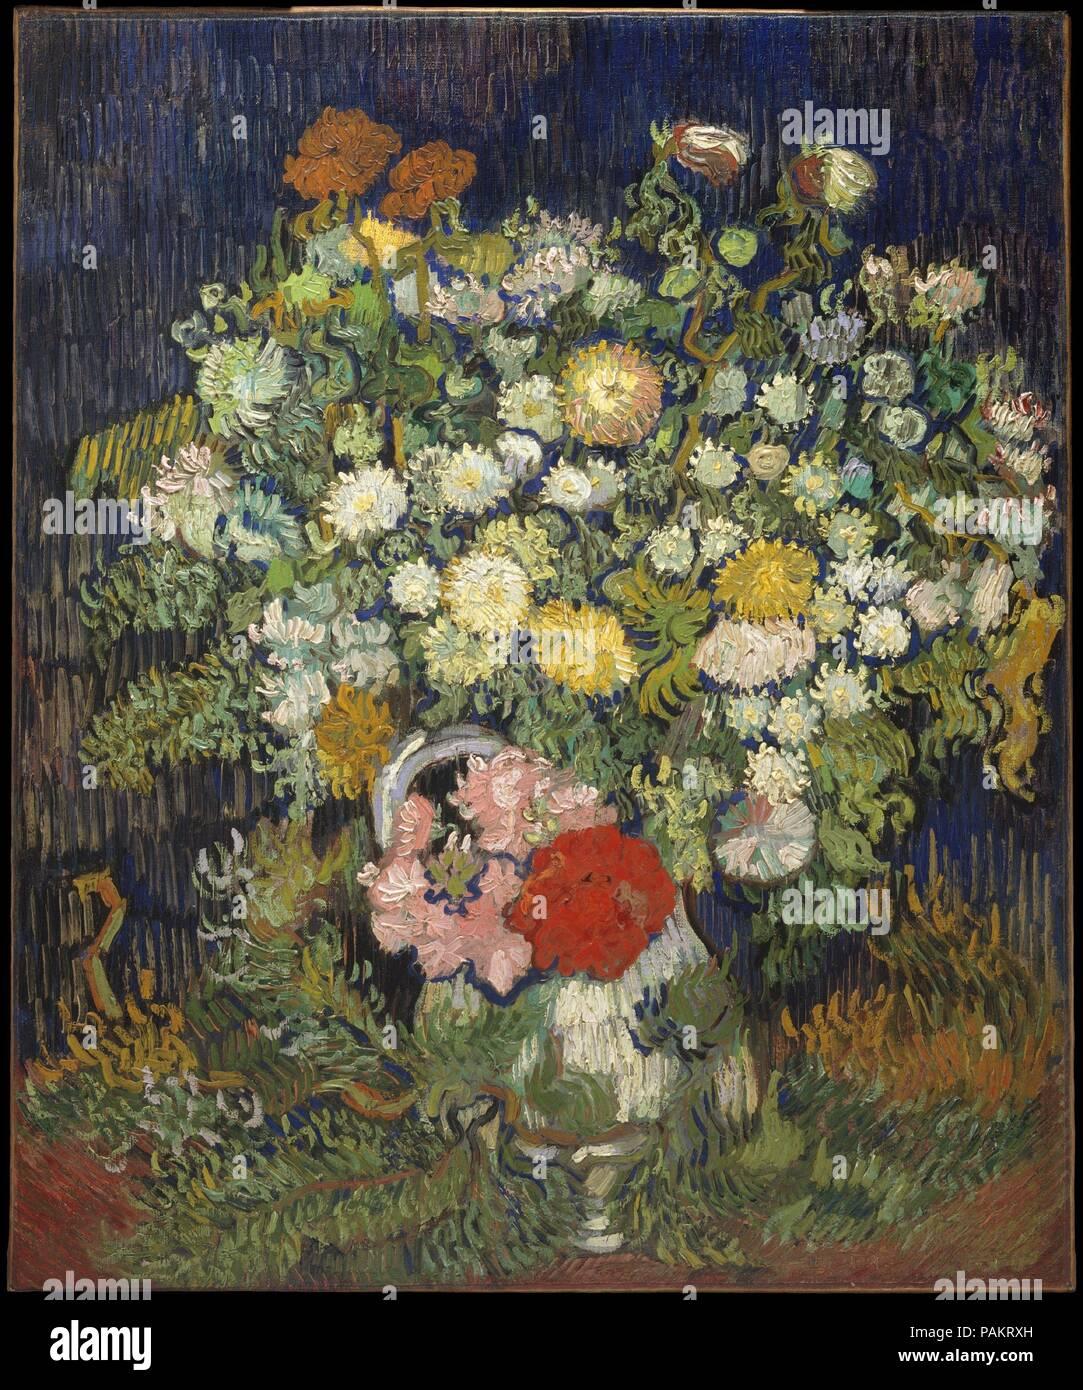 Mazzo Di Fiori Van Gogh.Bouquet Di Fiori In Un Vaso Artista Vincent Van Gogh Olandese